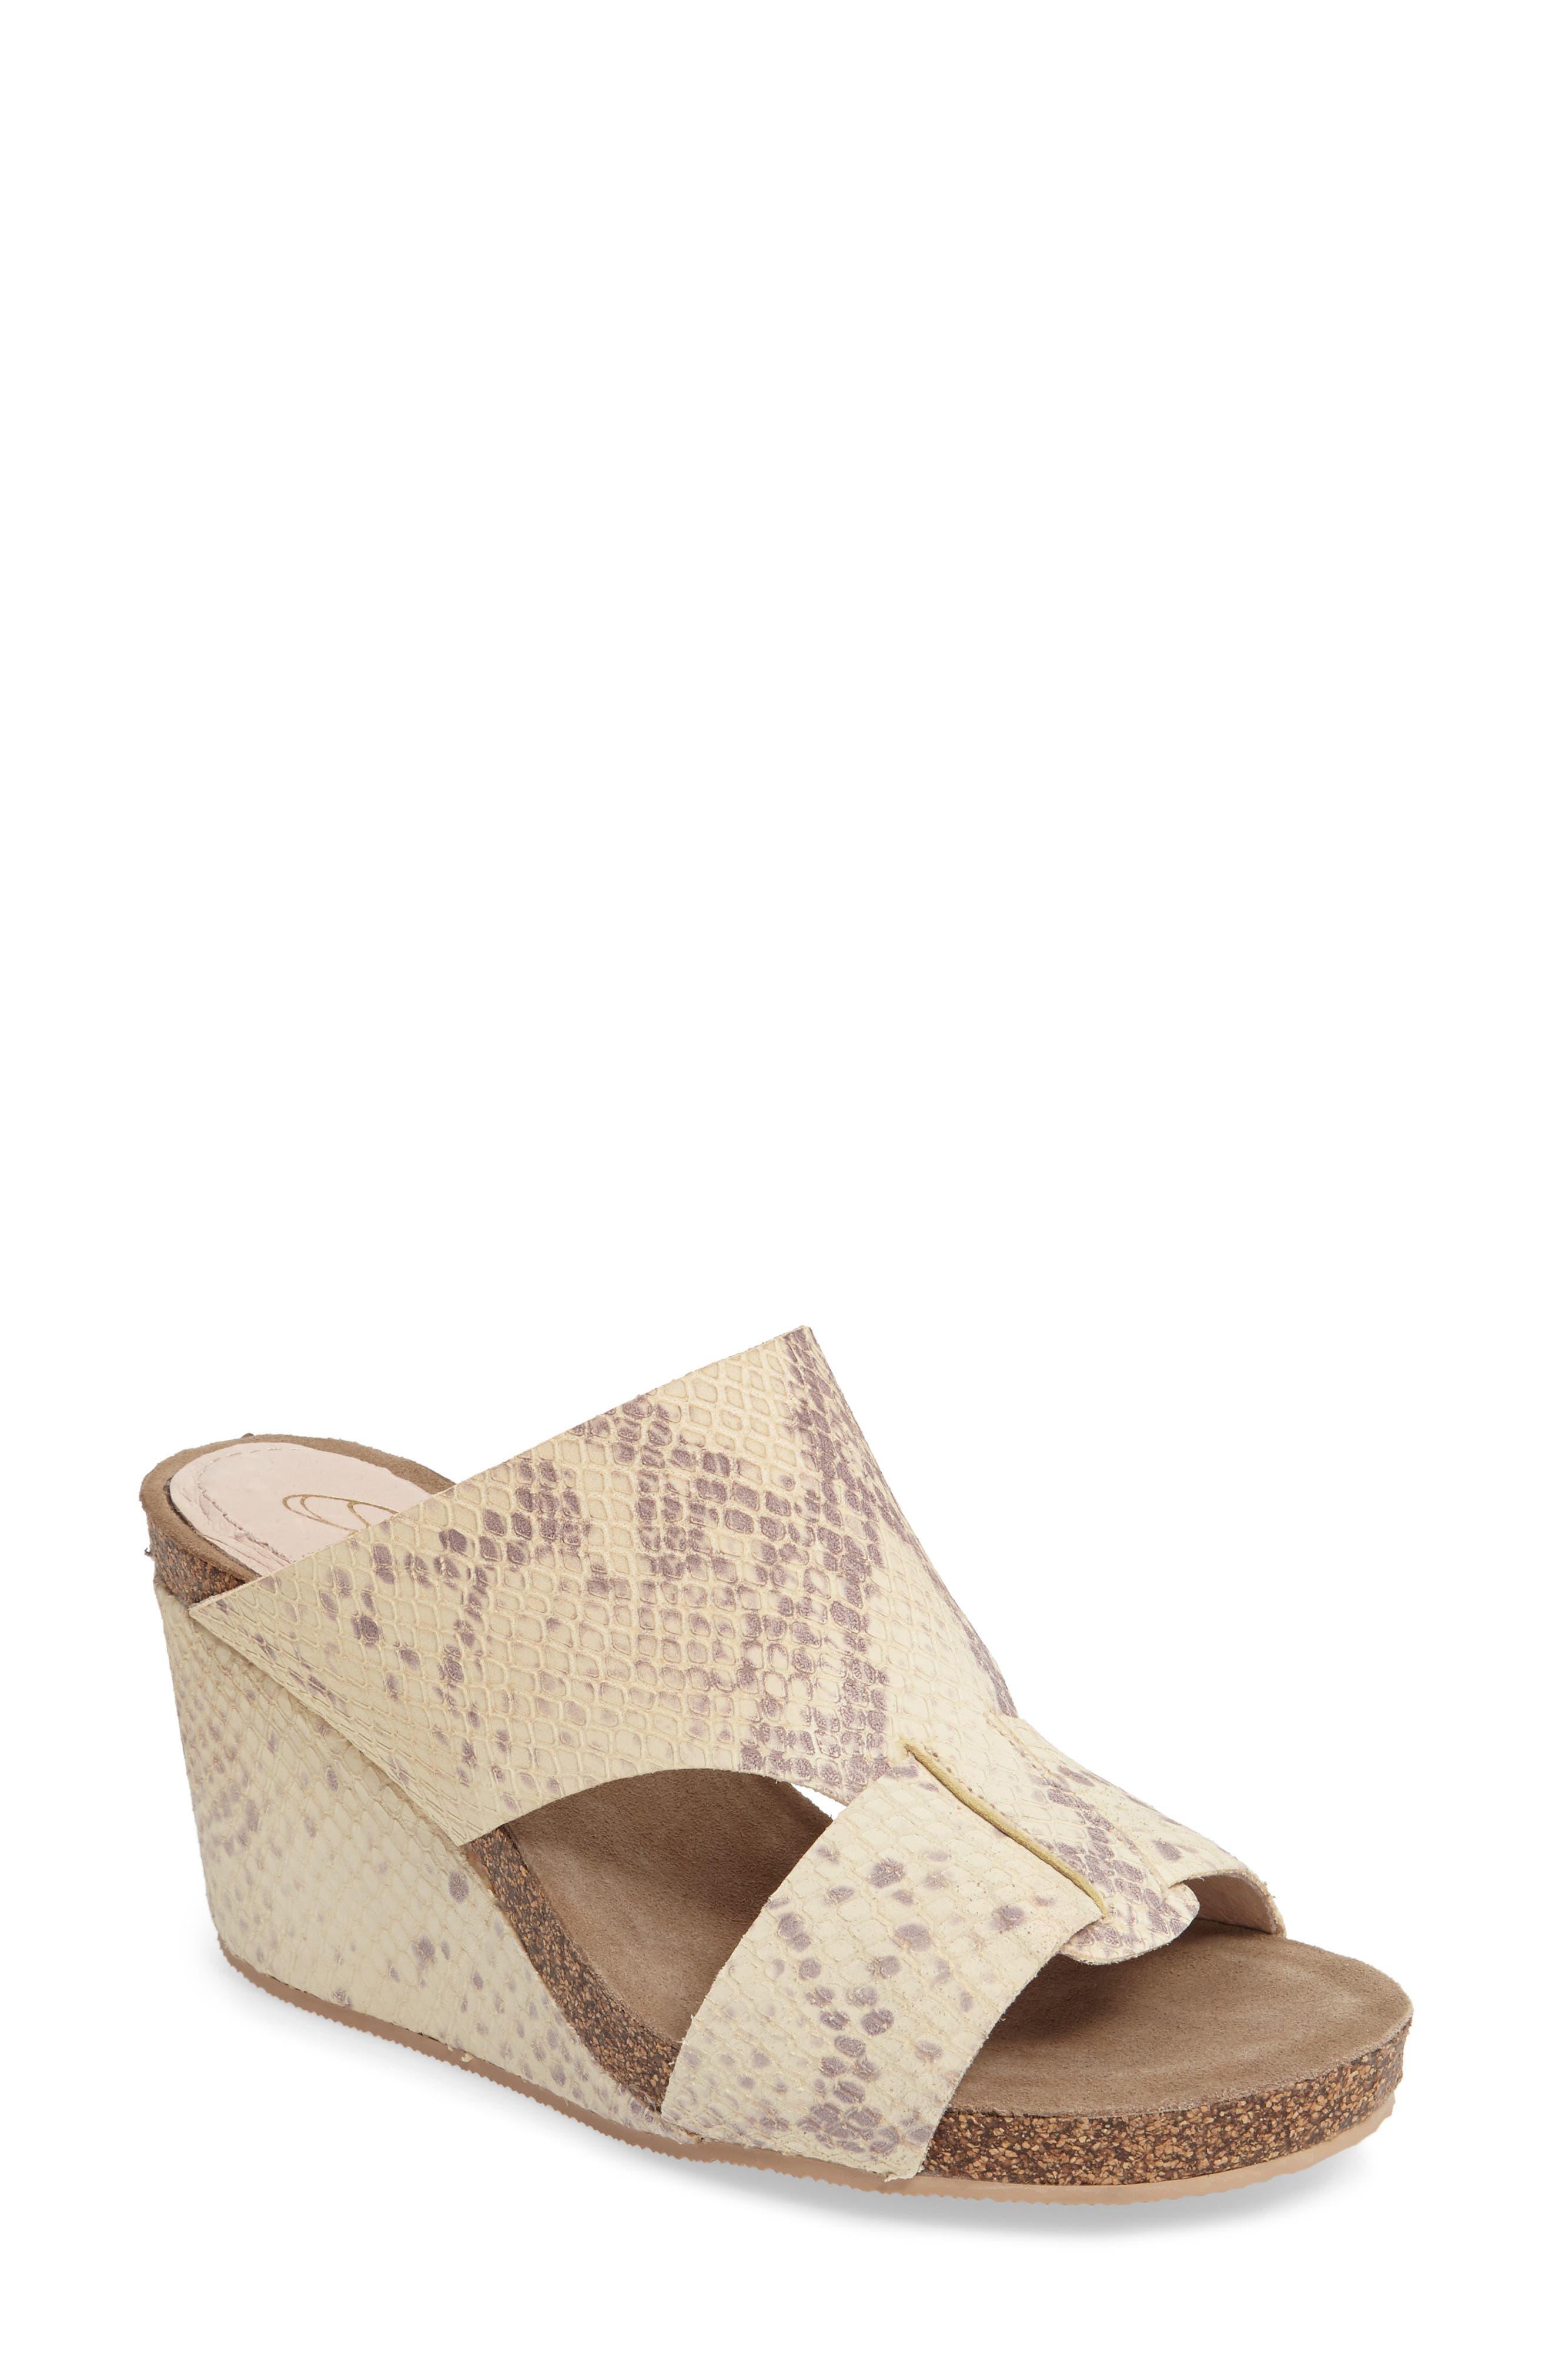 Alternate Image 1 Selected - Sudini Berta Wedge Sandal (Women)